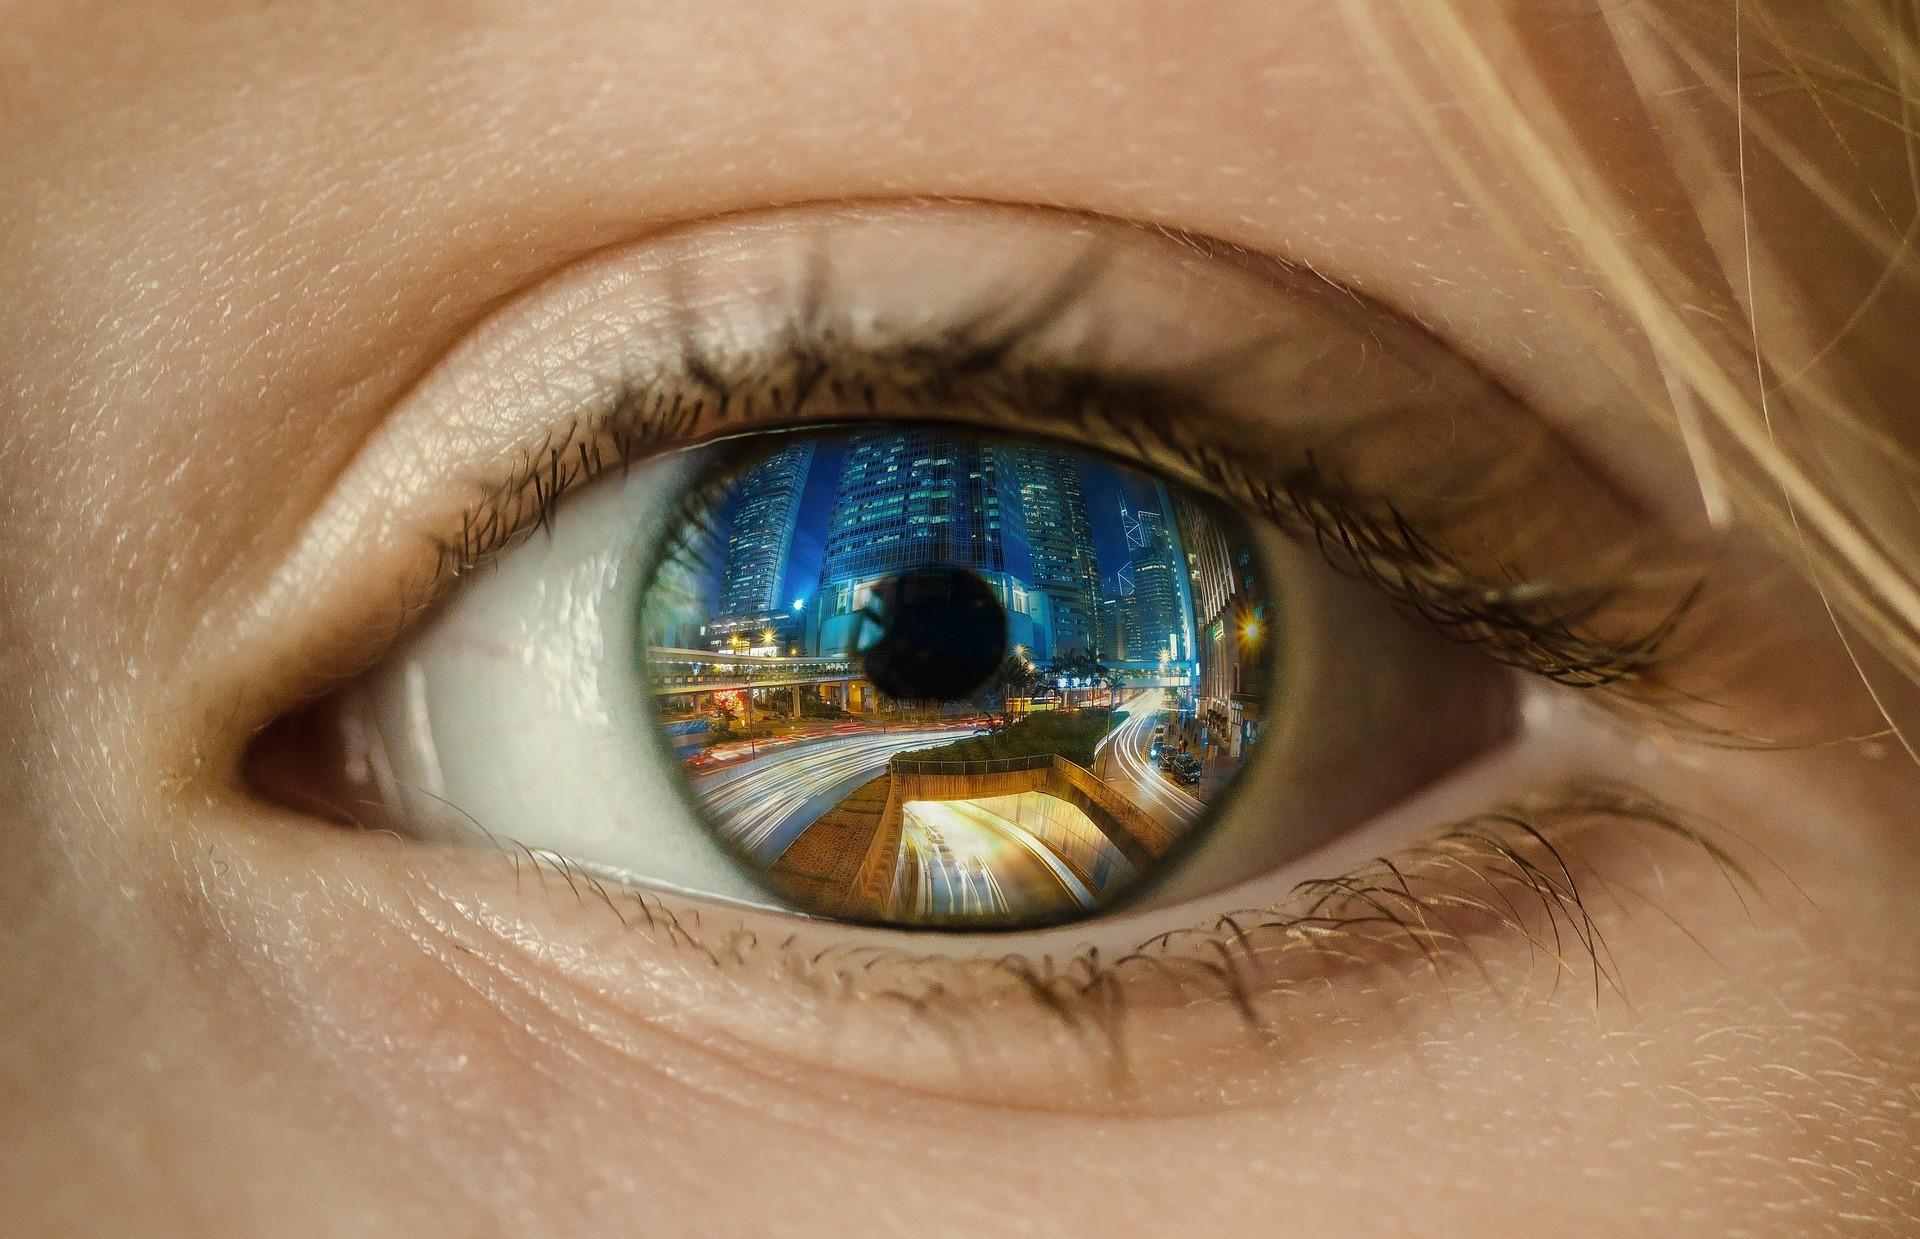 Botschaften senden - Innere Bilder transportieren durch die Methode DiaMind